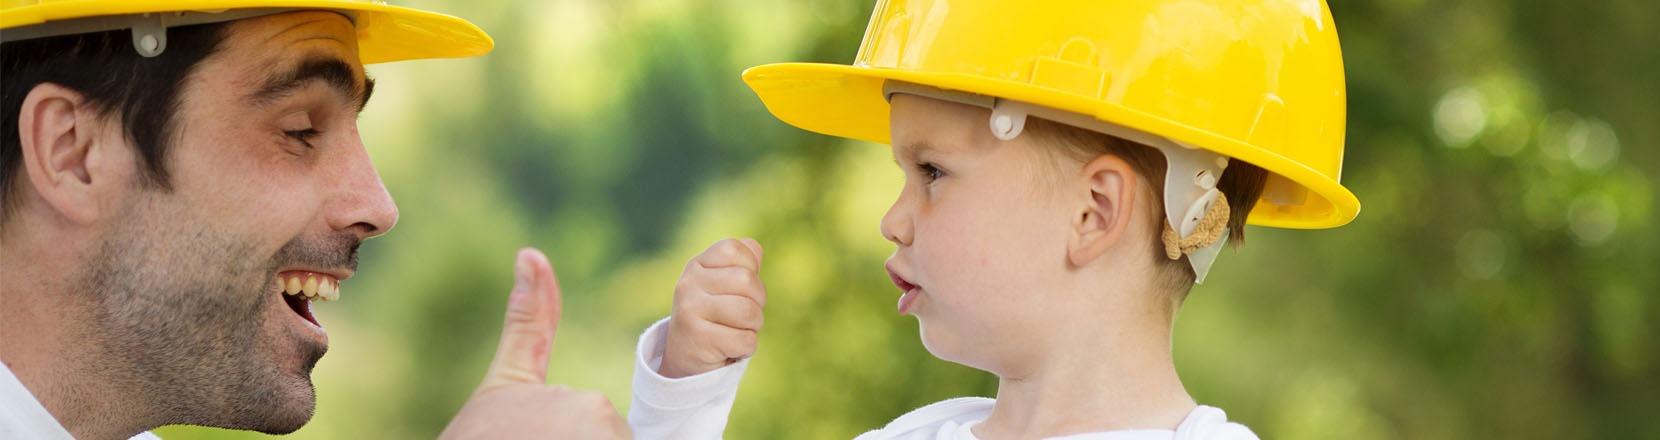 Mettere in sicurezza la casa, papà e figlio indossano i caschi gialli antinfortunistici